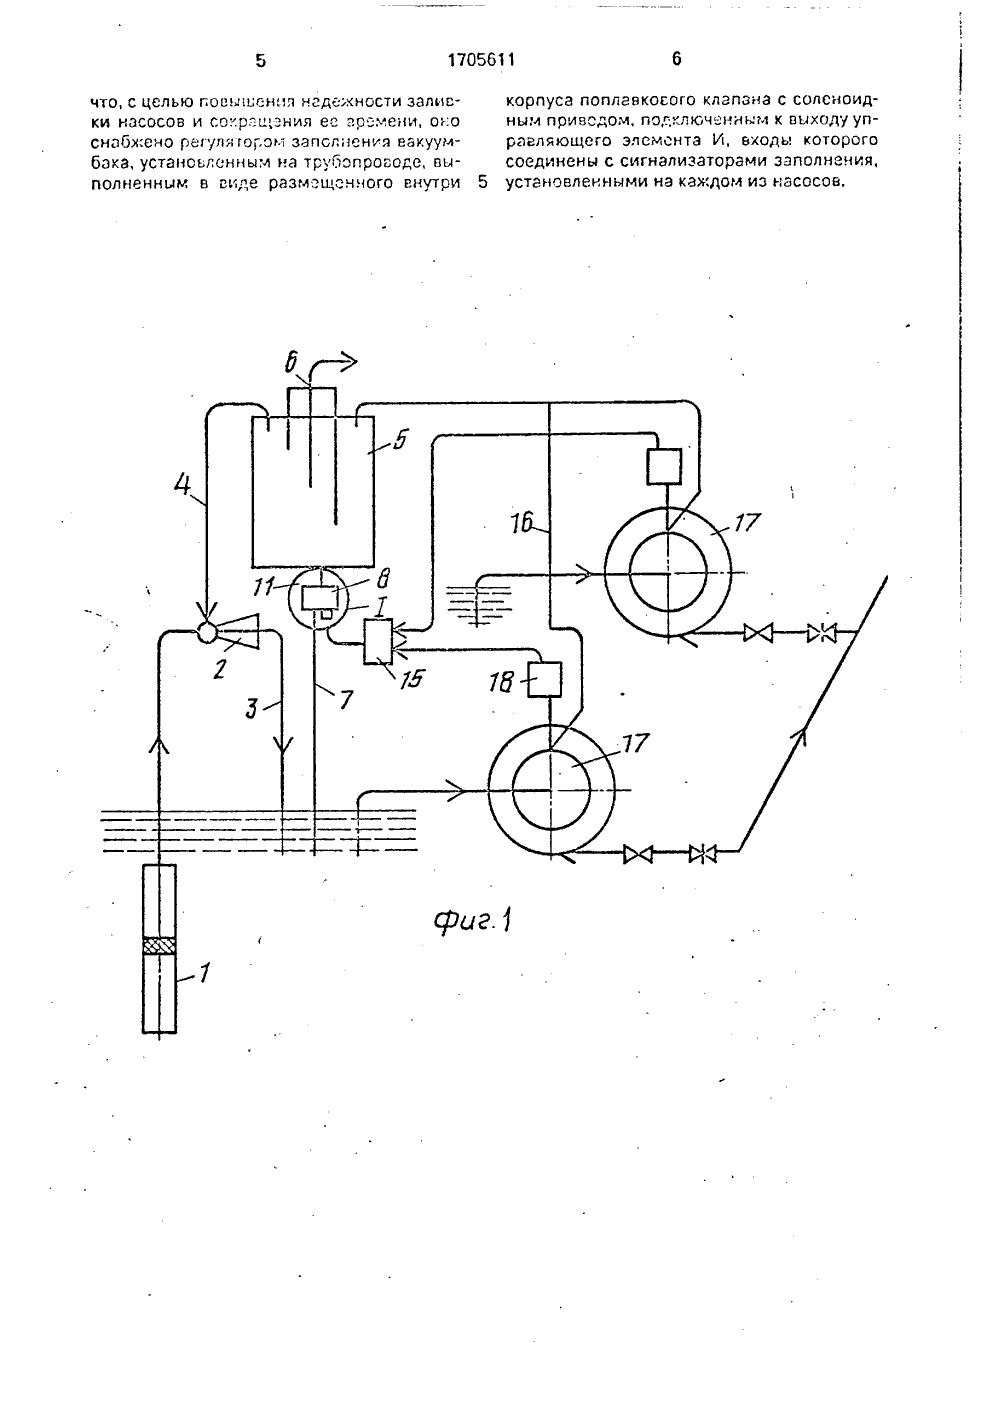 схема насосной станции для мелиорации